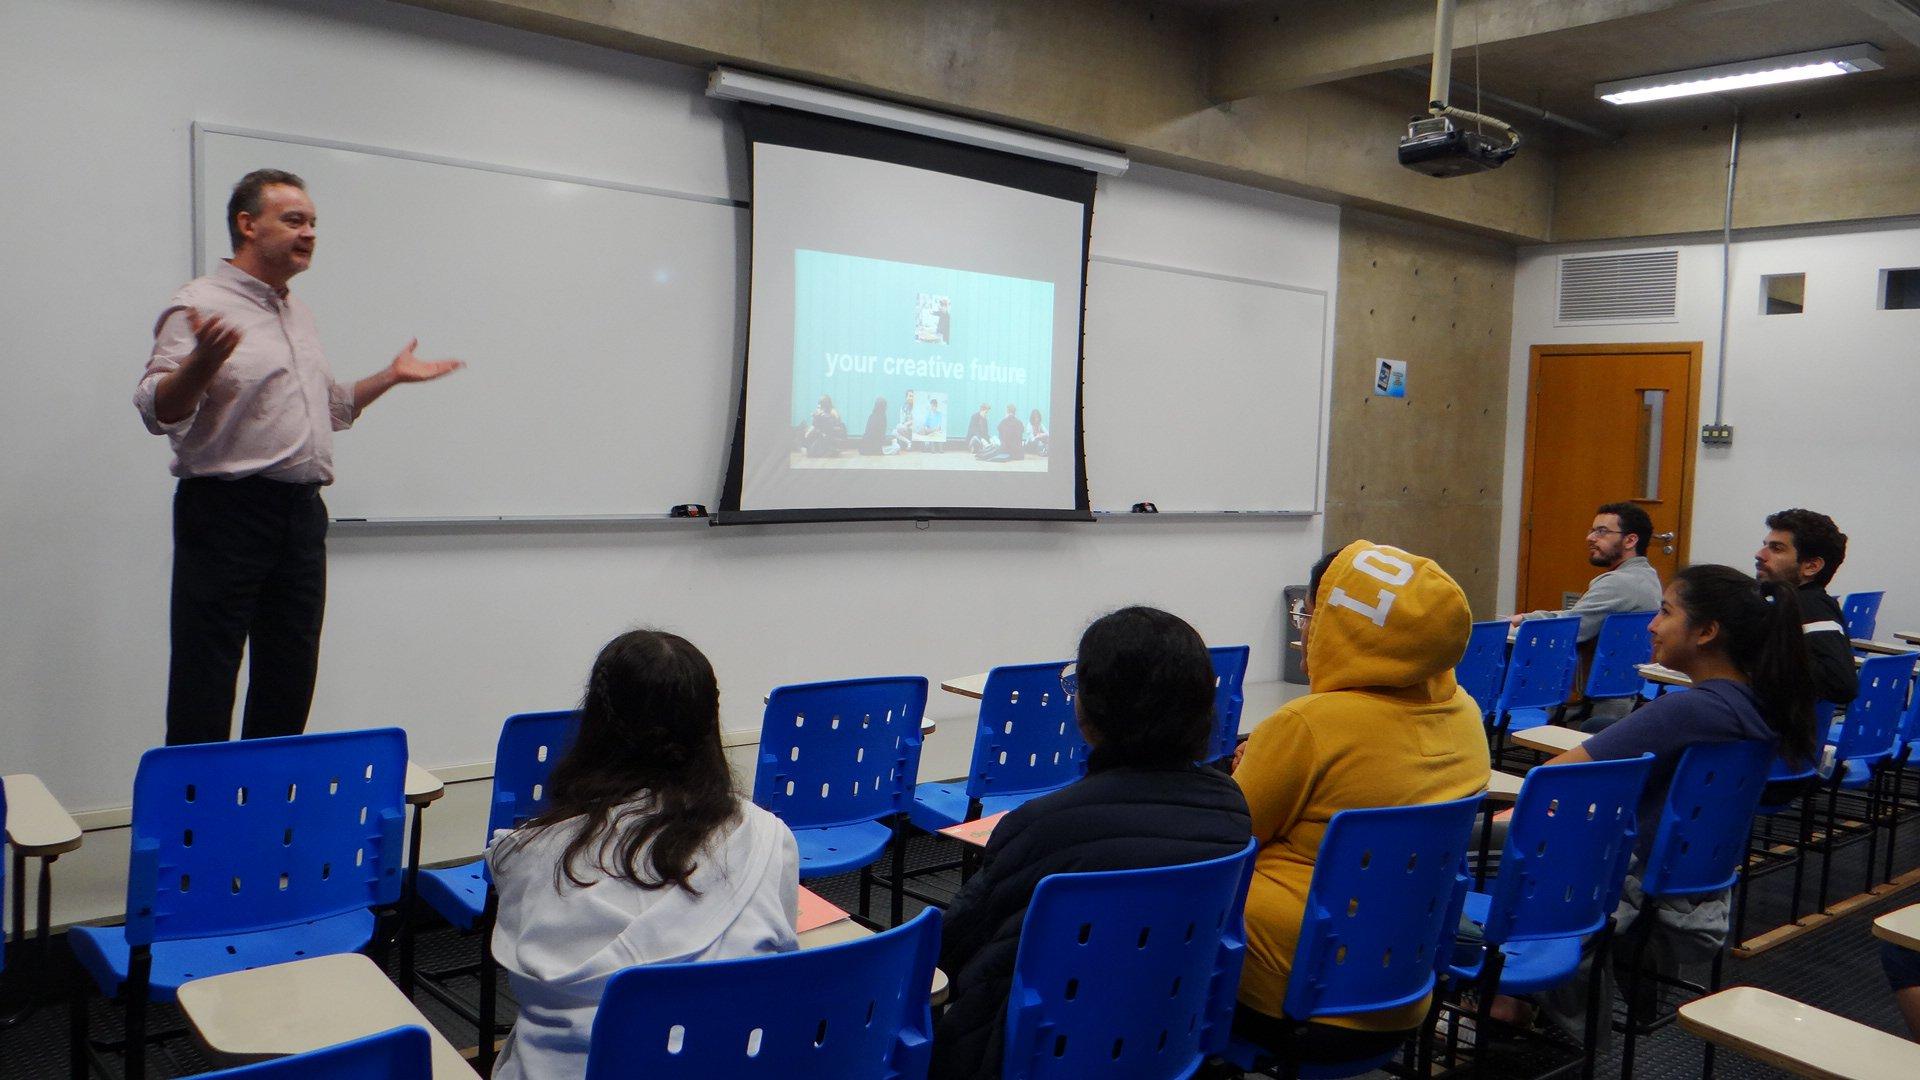 Etapa recebe 21 instituições internacionais de ensino